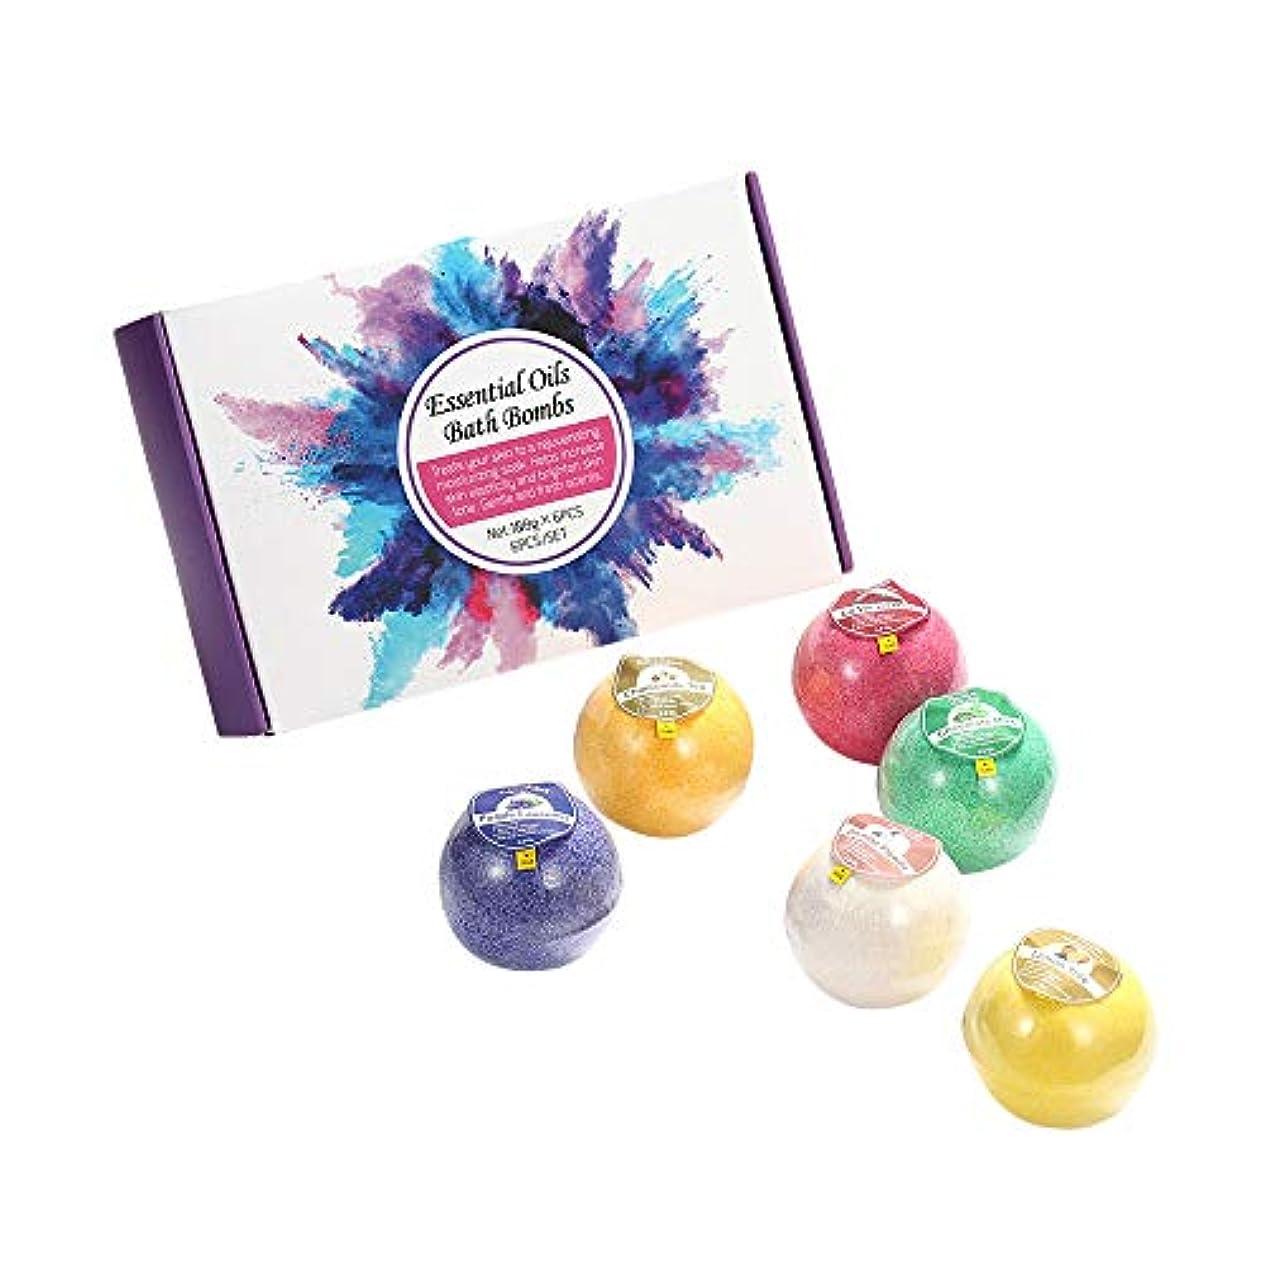 受信機アストロラーベ早いお風呂爆弾セット-海塩dndエッセンシャルオイルバスボール、彼女/彼のための最高の誕生日プレゼントのアイデア